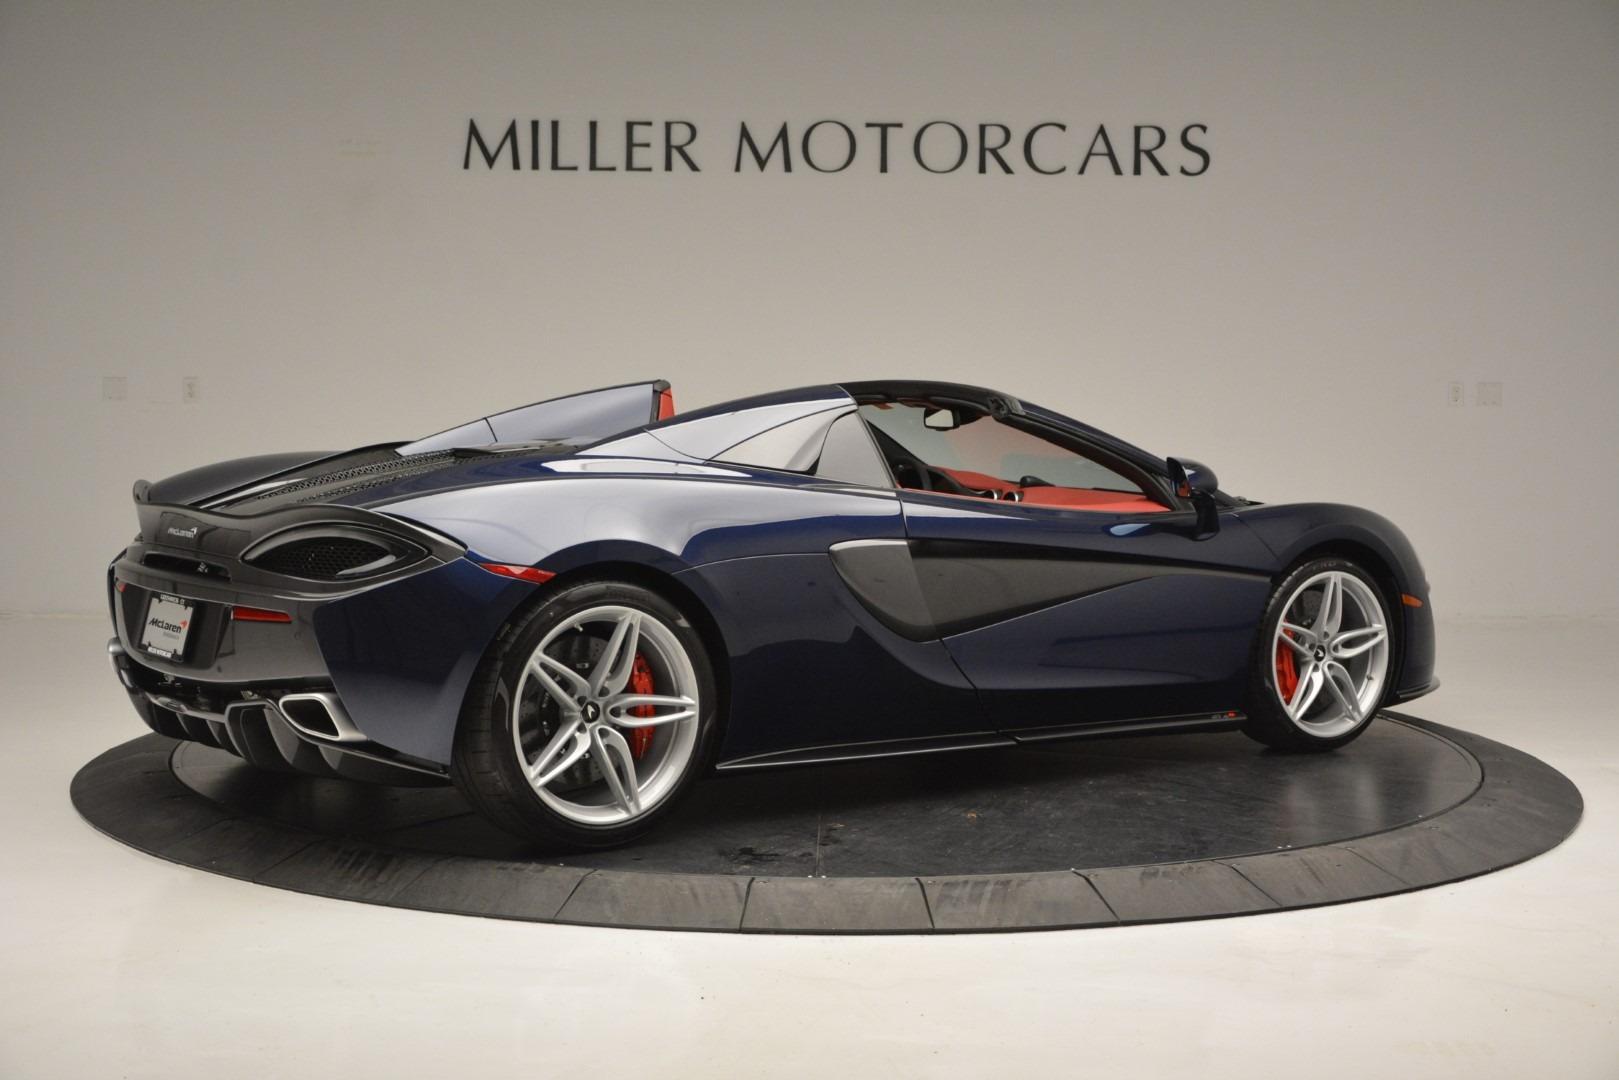 New 2019 McLaren 570S Spider Convertible For Sale In Westport, CT 2727_p8